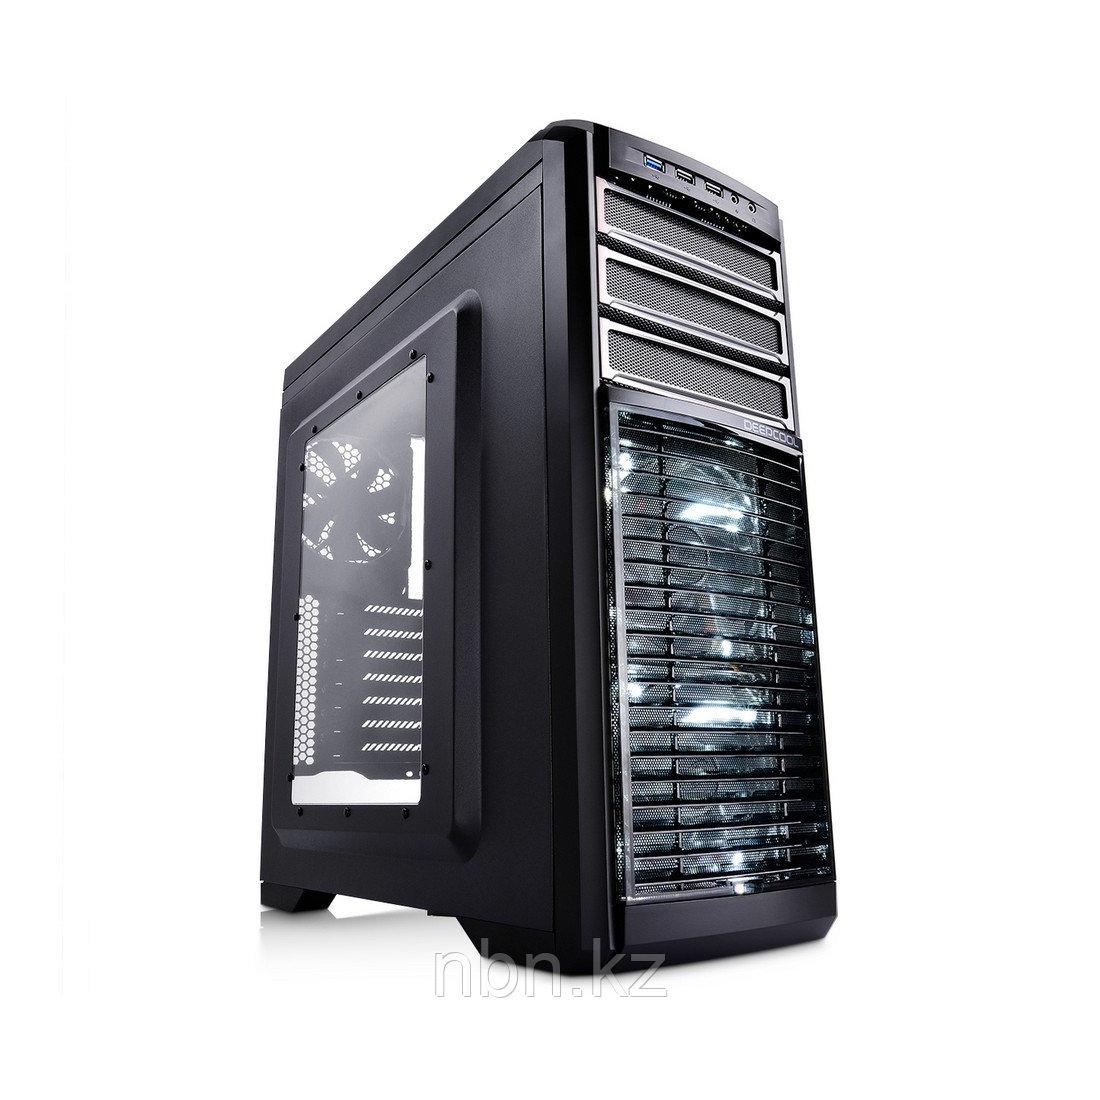 Компьютерный корпус Deepcool KENDOMEN TITANIUM без Б/П